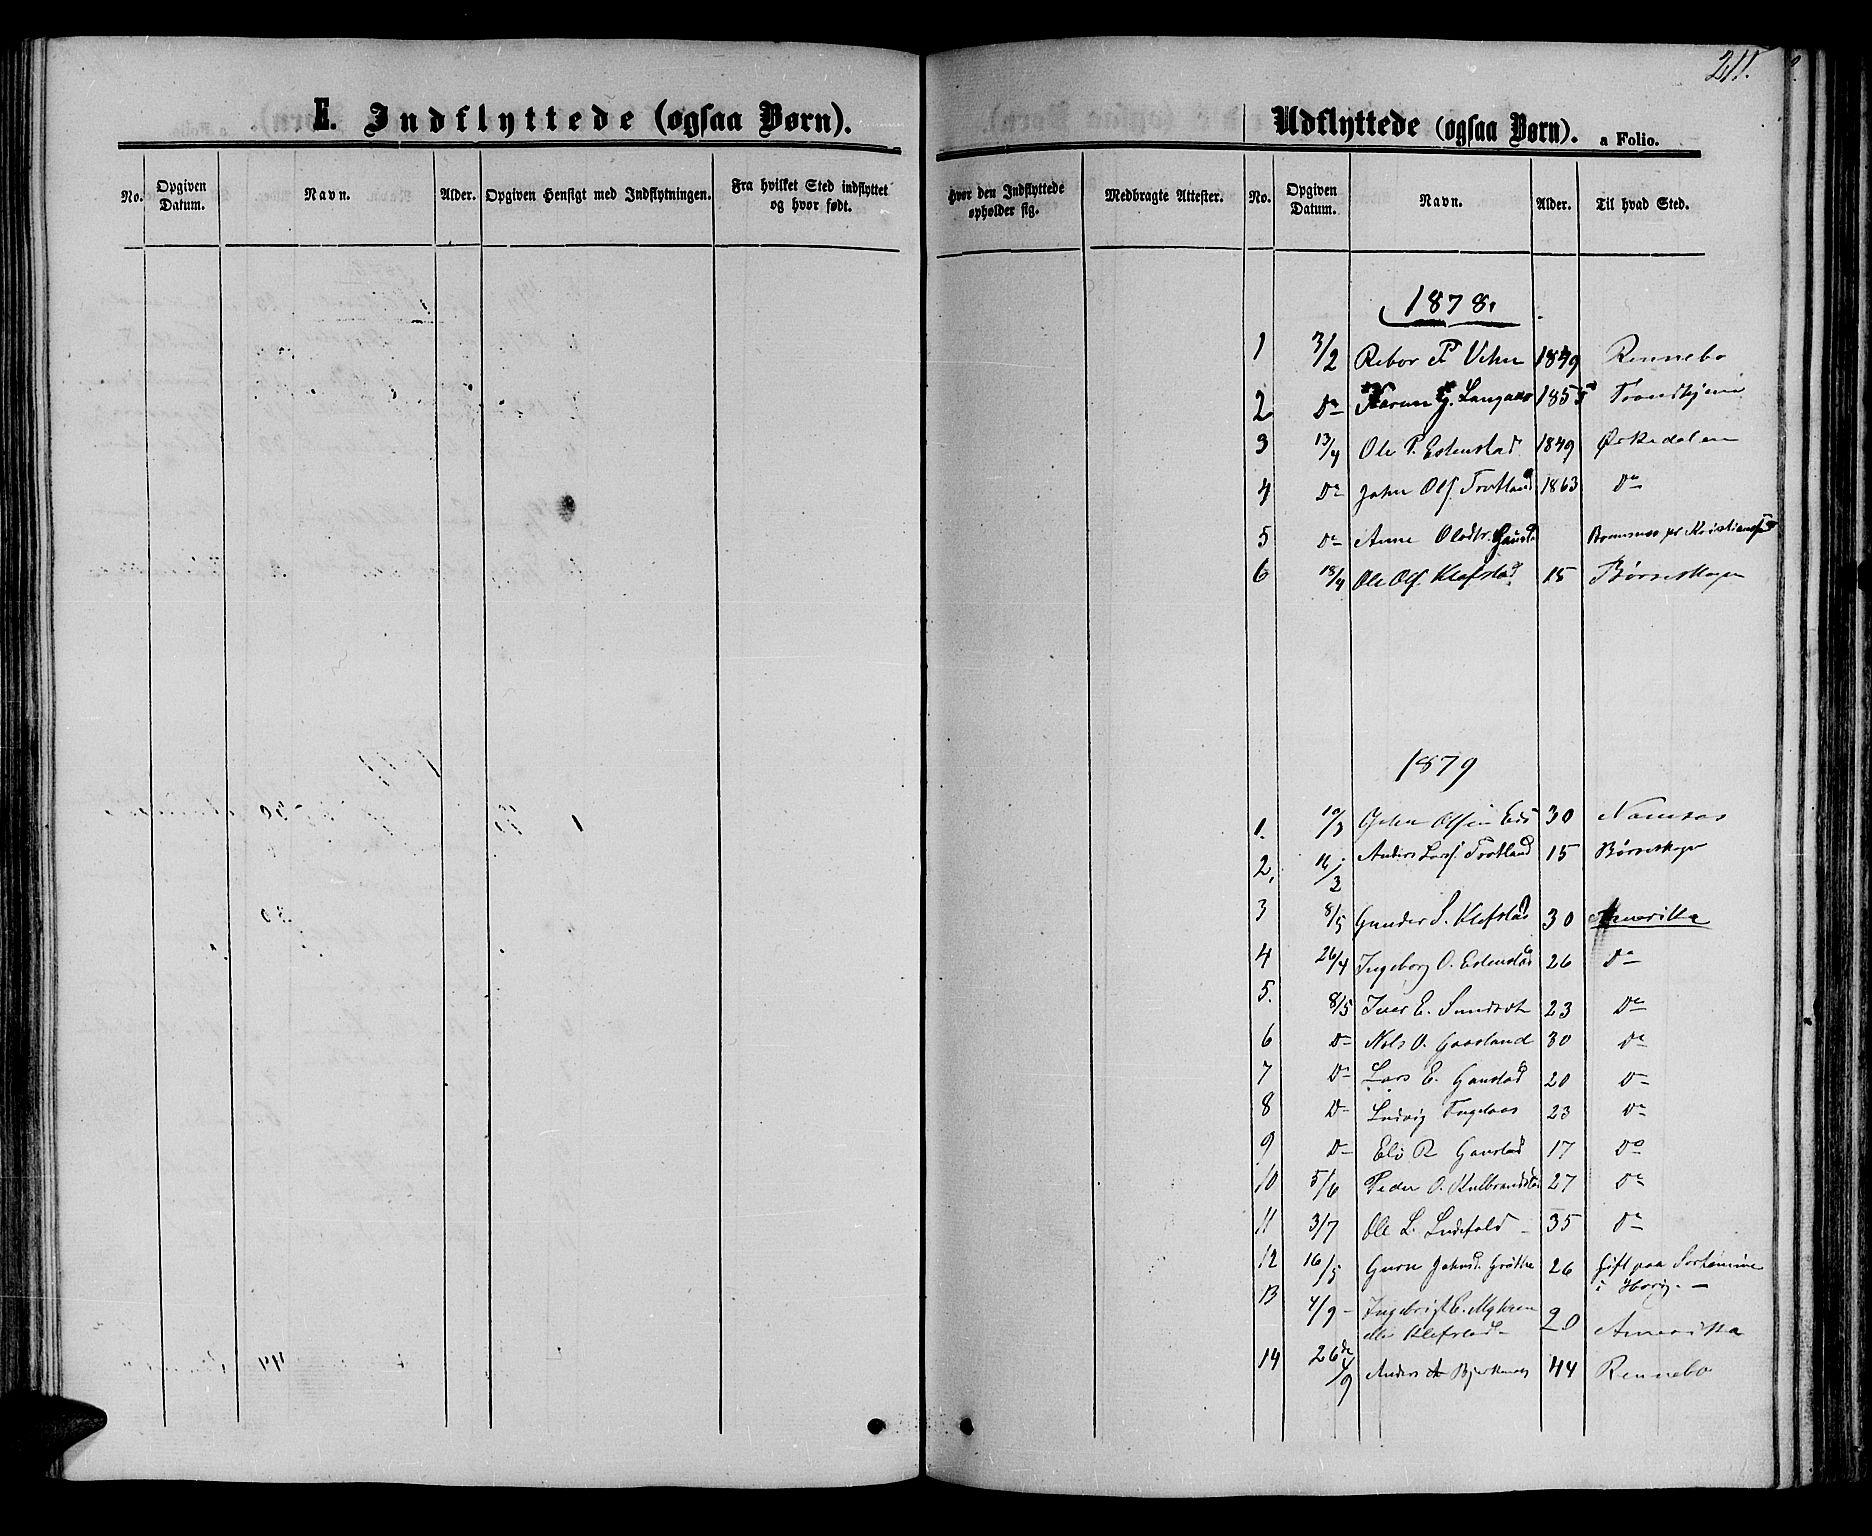 SAT, Ministerialprotokoller, klokkerbøker og fødselsregistre - Sør-Trøndelag, 694/L1131: Klokkerbok nr. 694C03, 1858-1886, s. 211